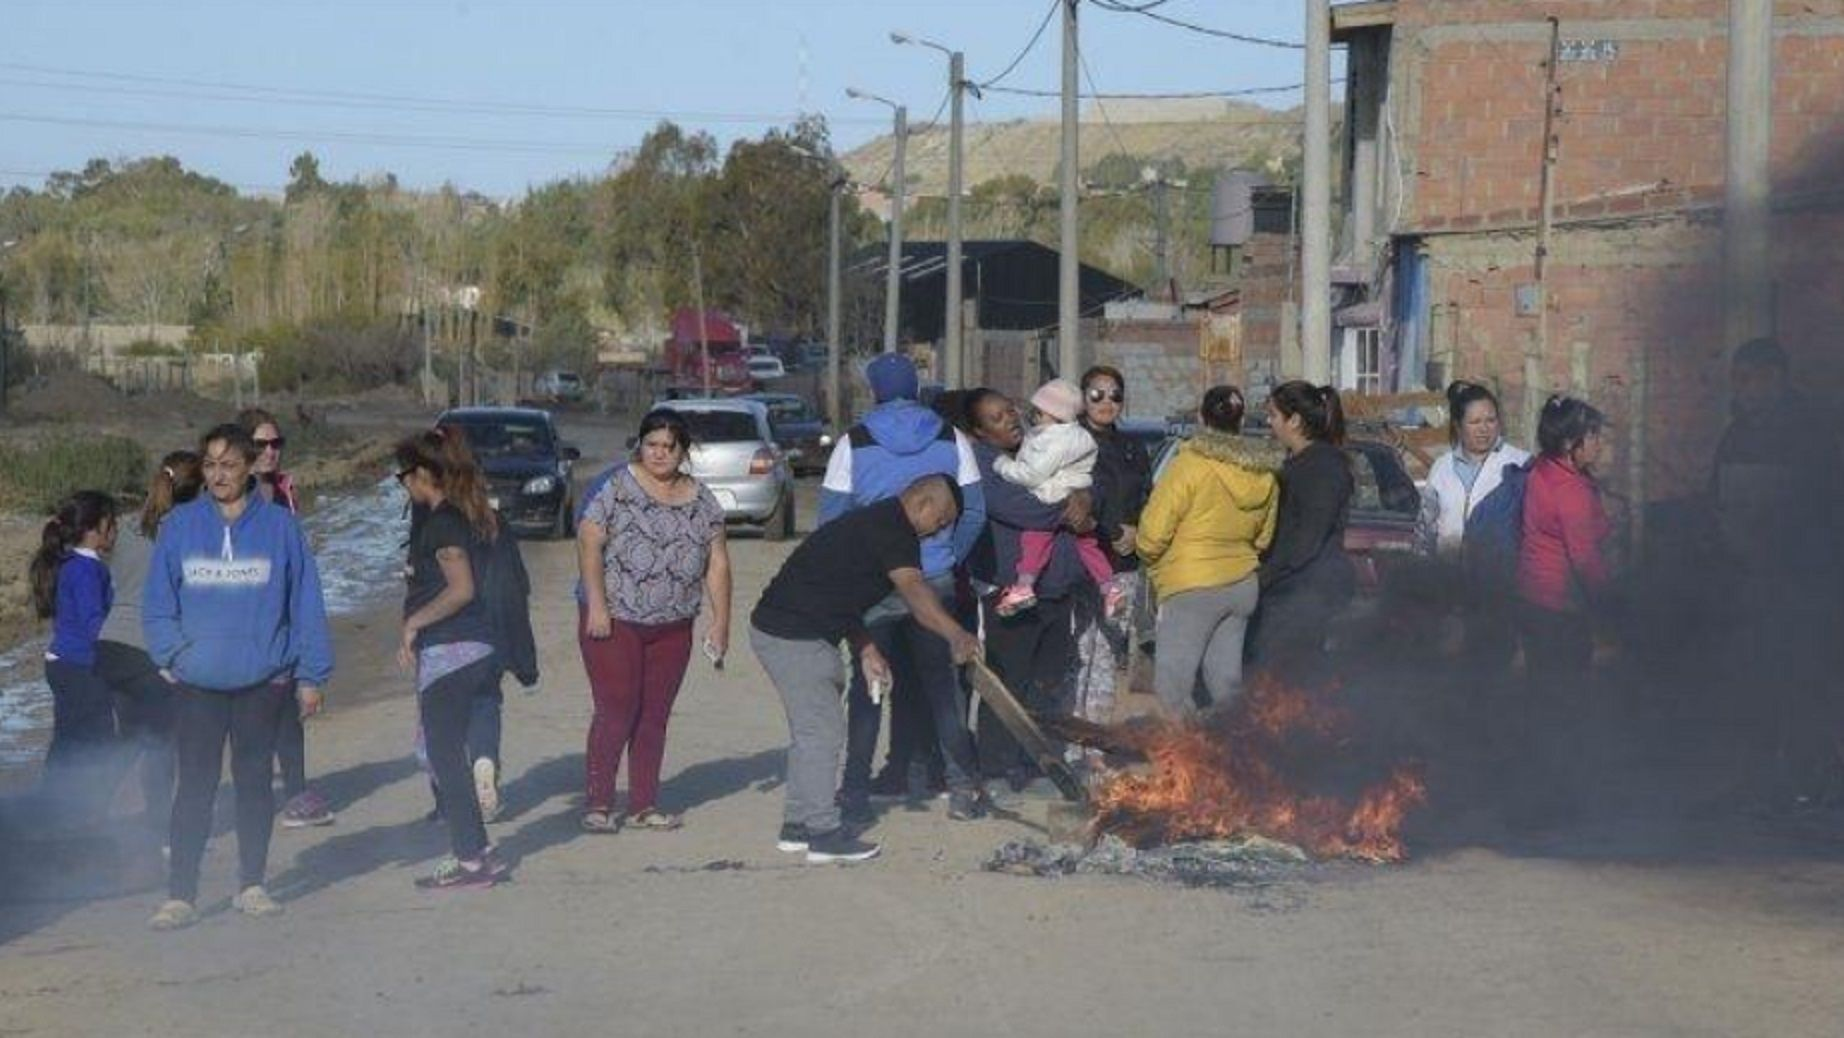 Vecinos apedrearon y prendieron fuego la casa del presunto violador. Foto: El Chubut.